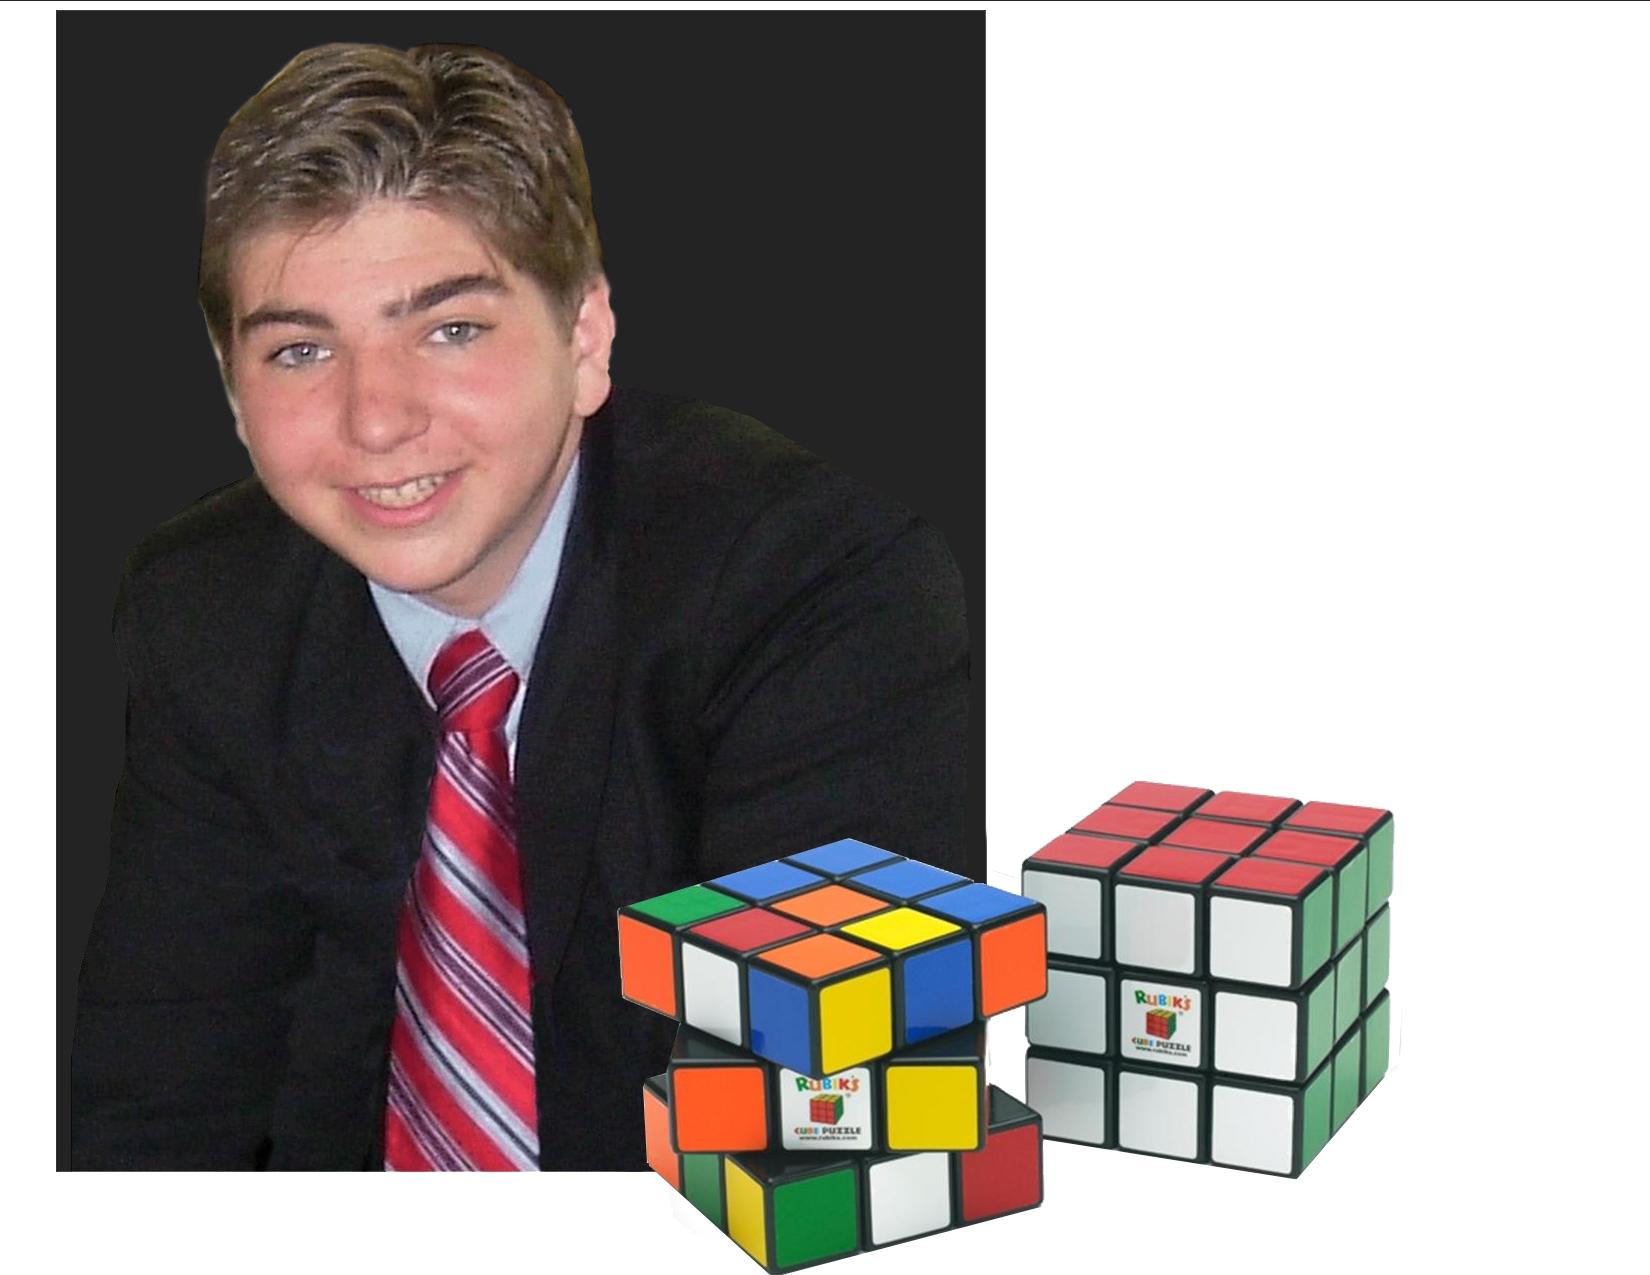 Cooper Dauer